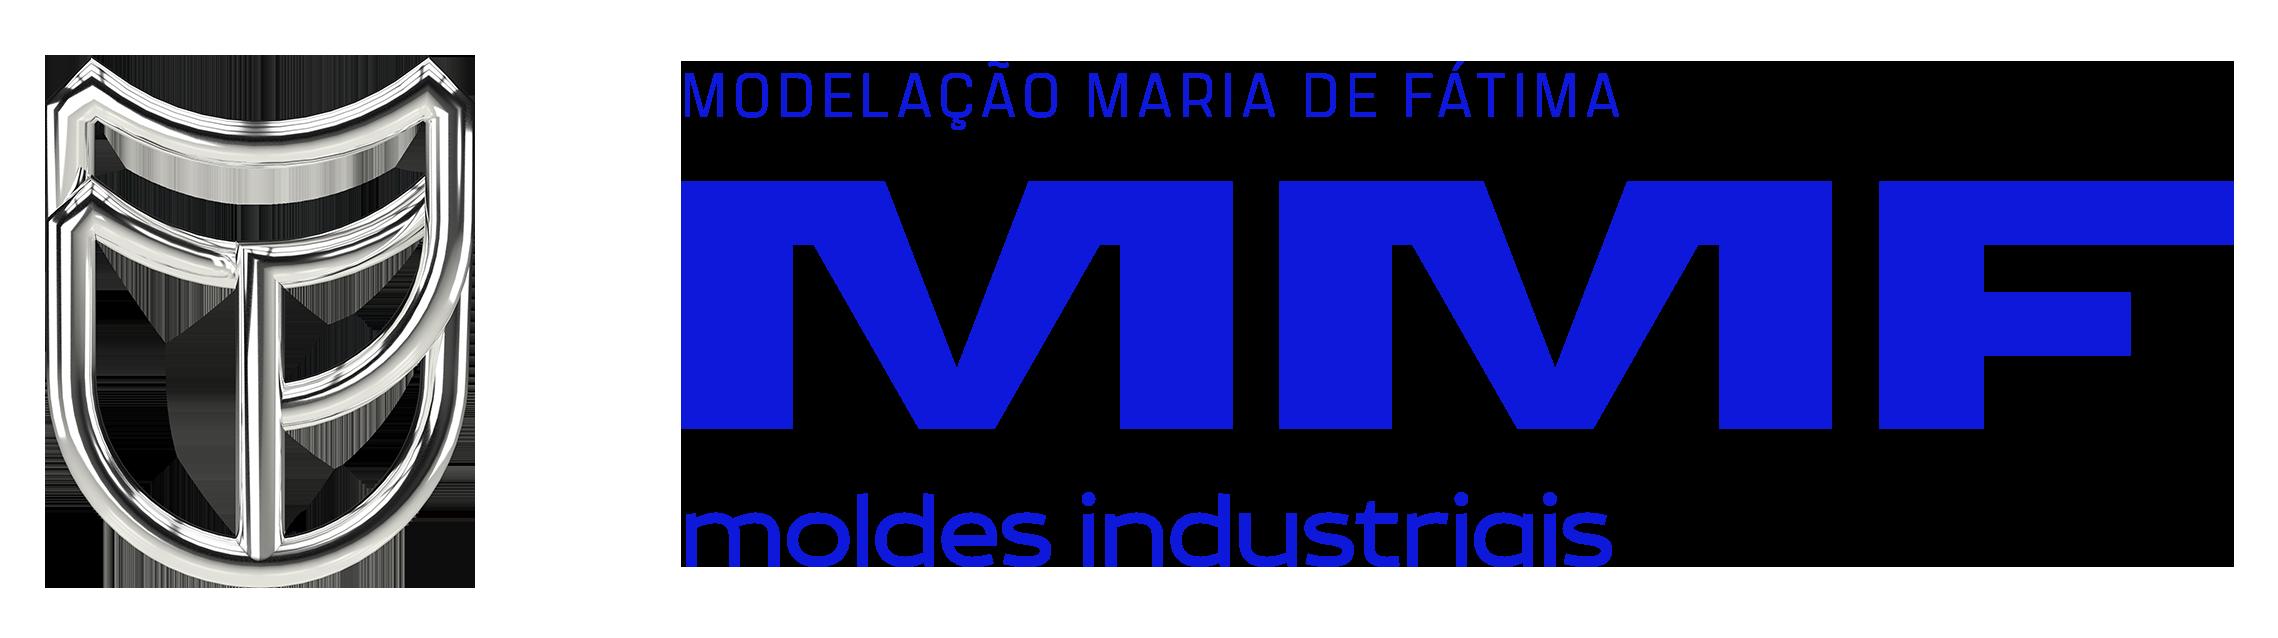 Modelação Maria de Fátima